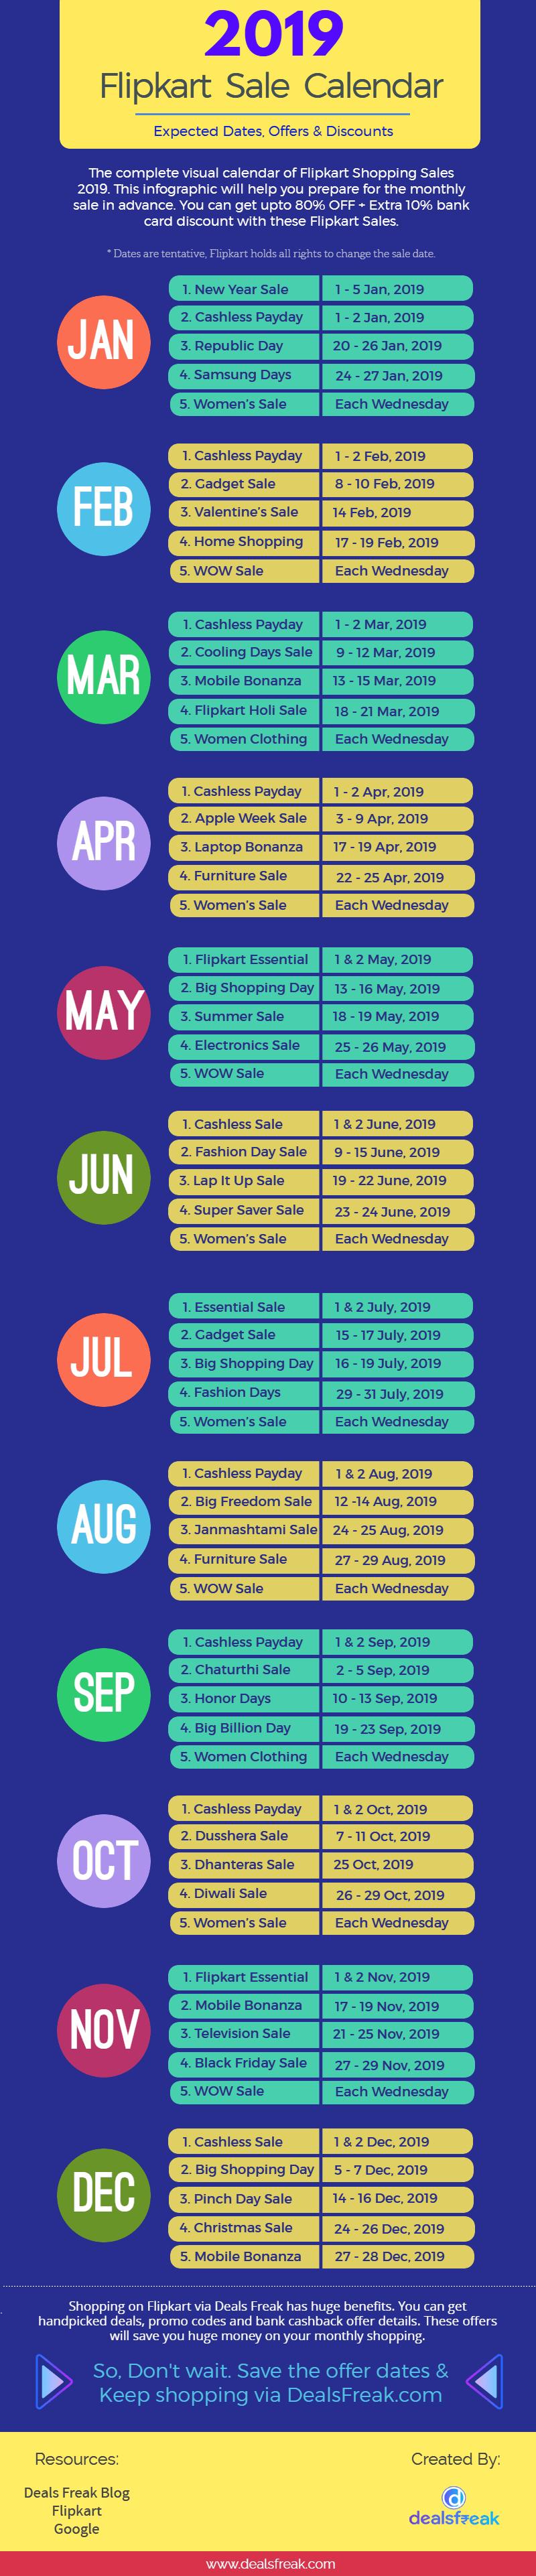 Flipkart Upcoming Sale & Offers Of 2019 (A Visual Calendar) Calendar 2019 Sale